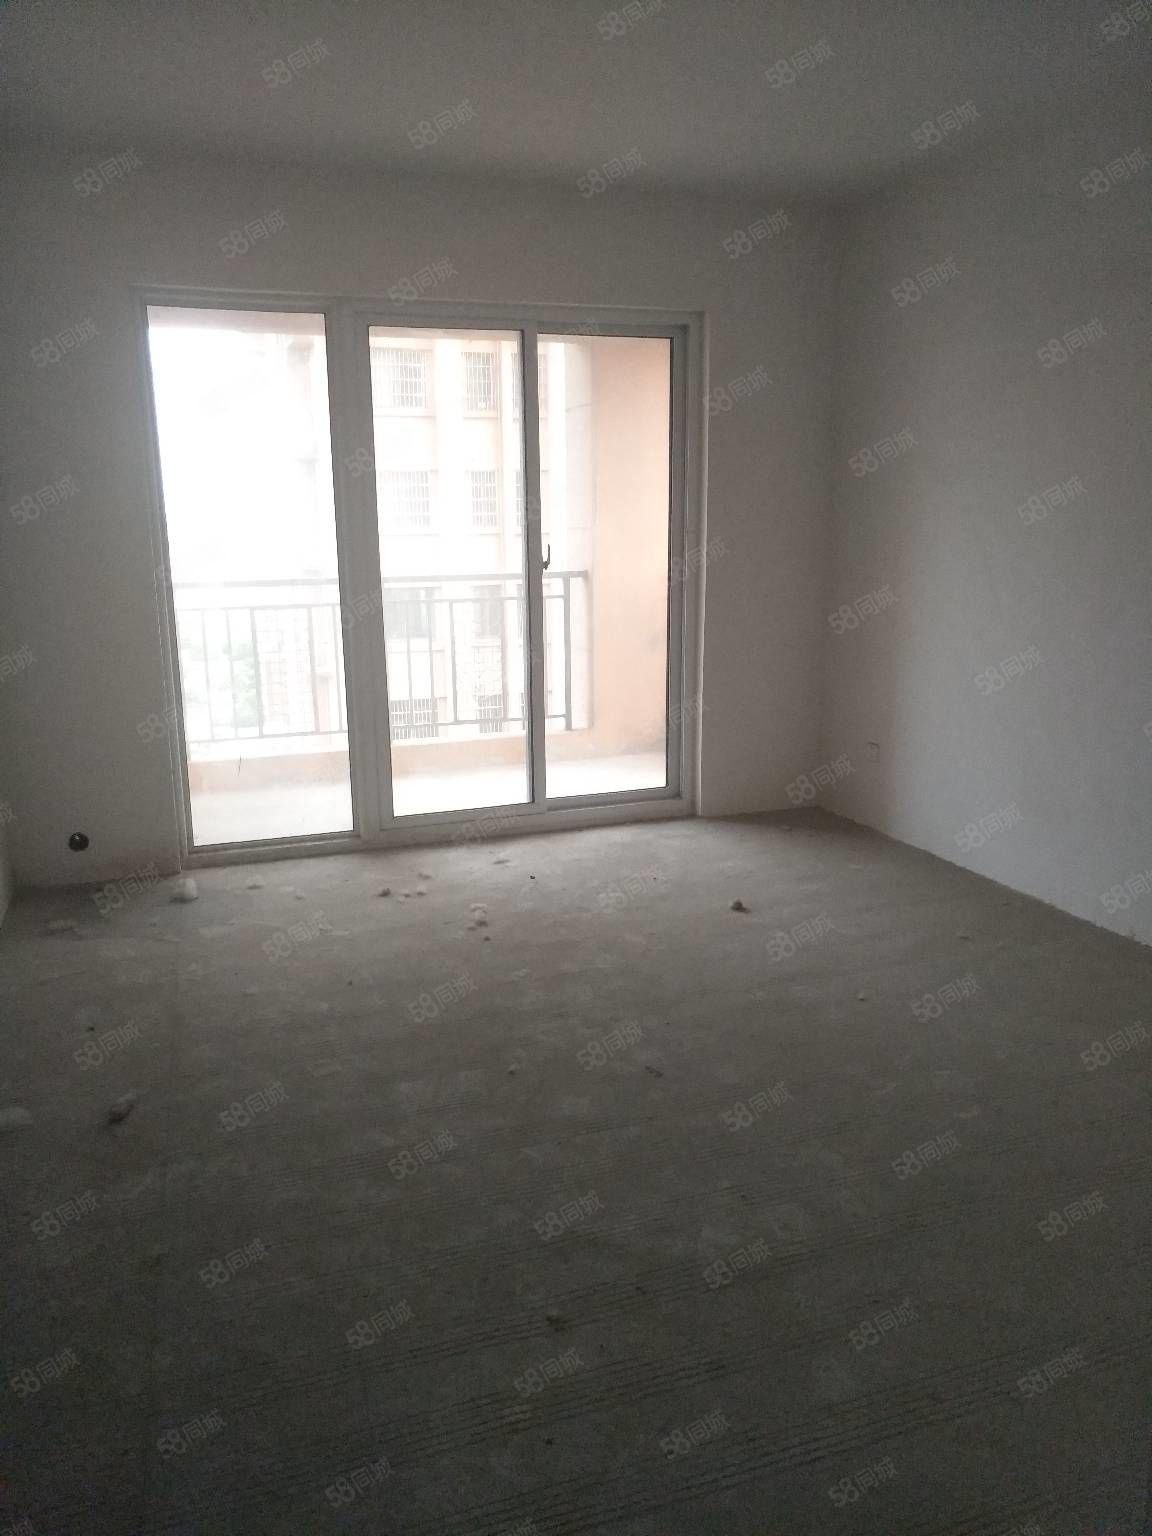 凯源香榭丽舍电梯好楼层紧凑型小三室毛坯随时看房